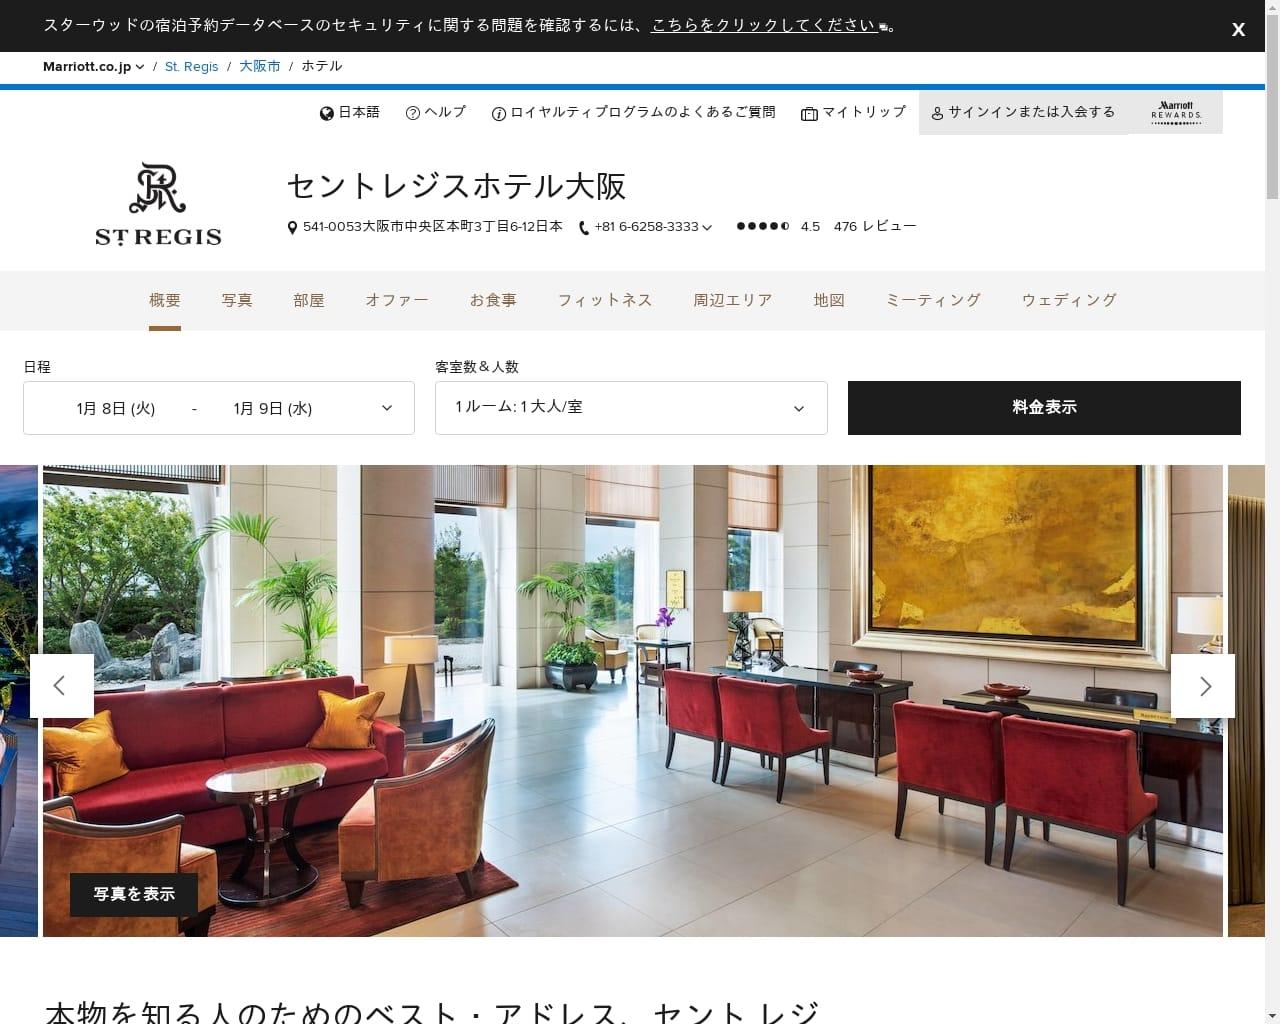 高級ホテル特集 セント レジス ホテル 大阪